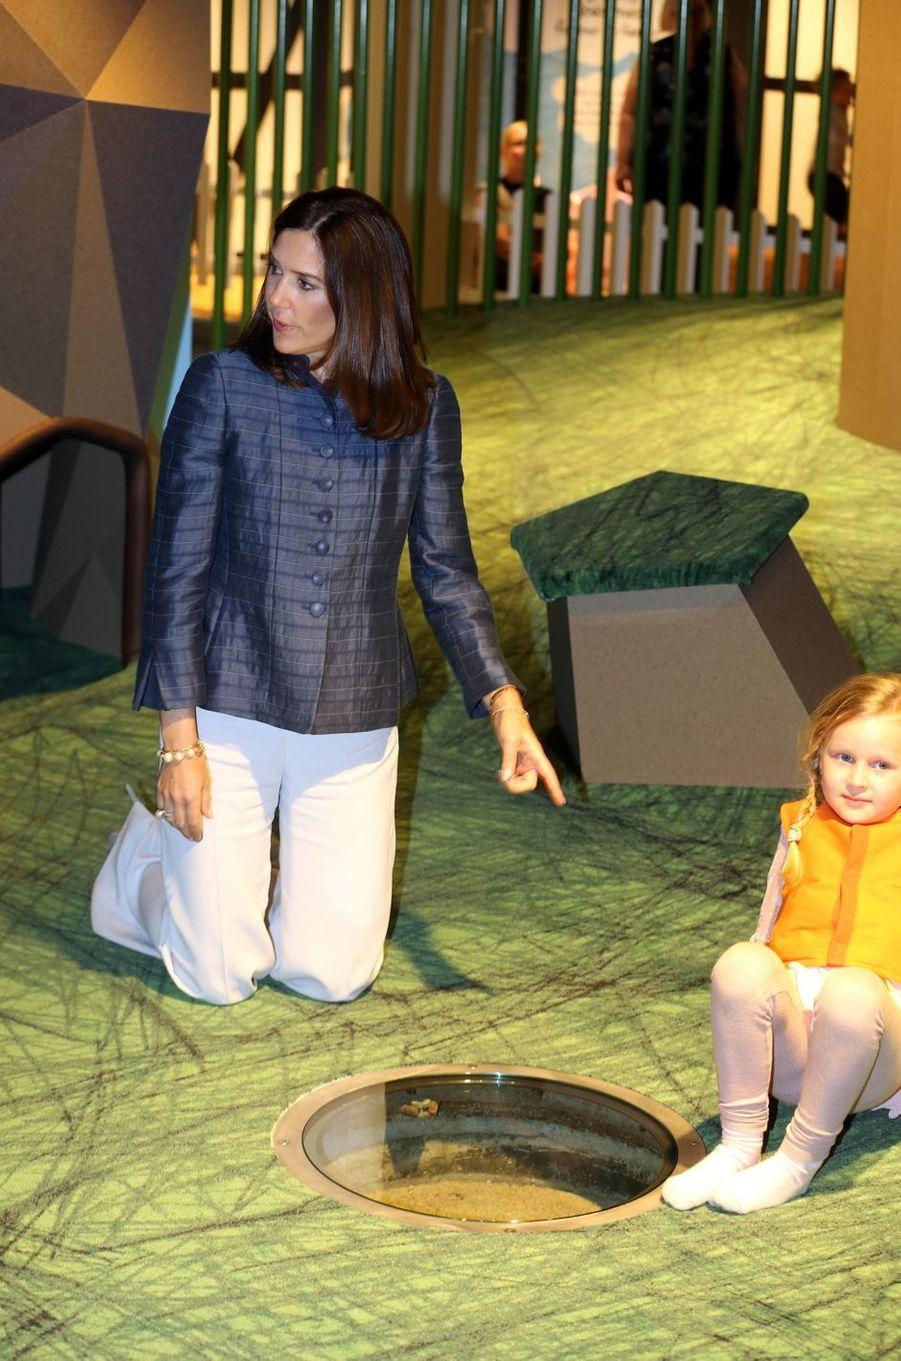 La princesse Mary de Danemark à Hellerup, le 19 avril 2018